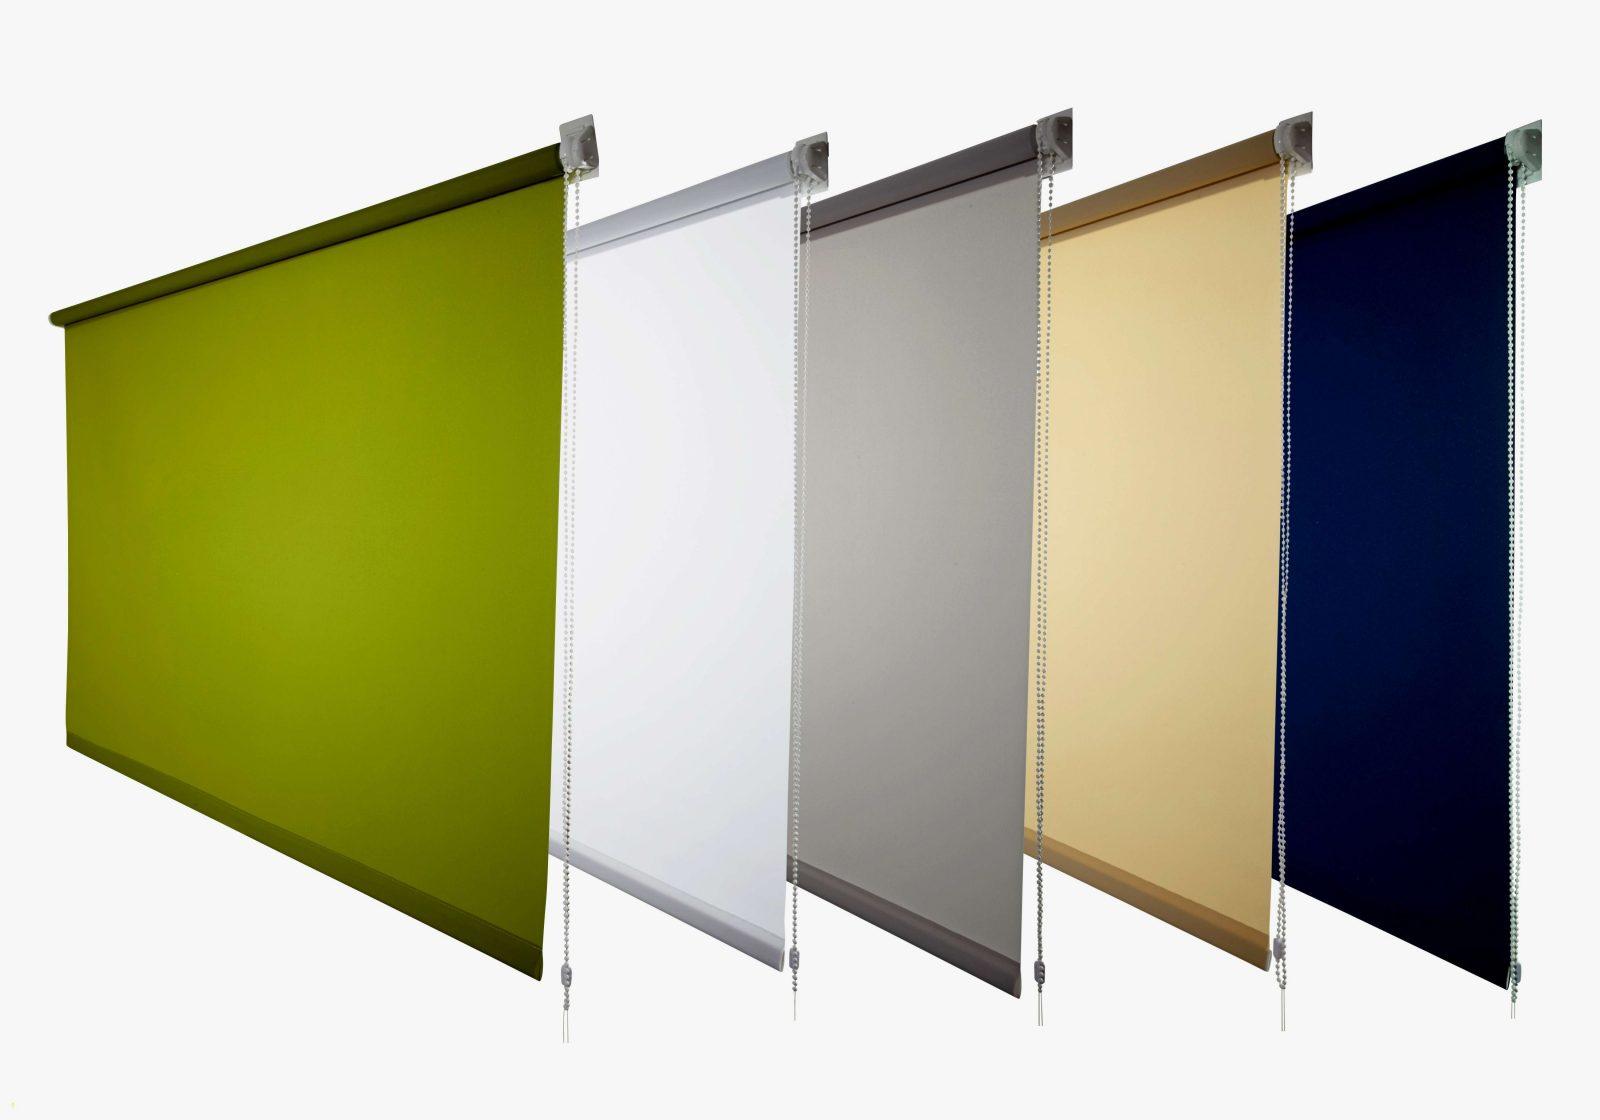 59 Einzigartig Für Balkon Sichtschutz Ohne Bohren Konzept von Balkon Sichtschutz Ohne Bohren Bild